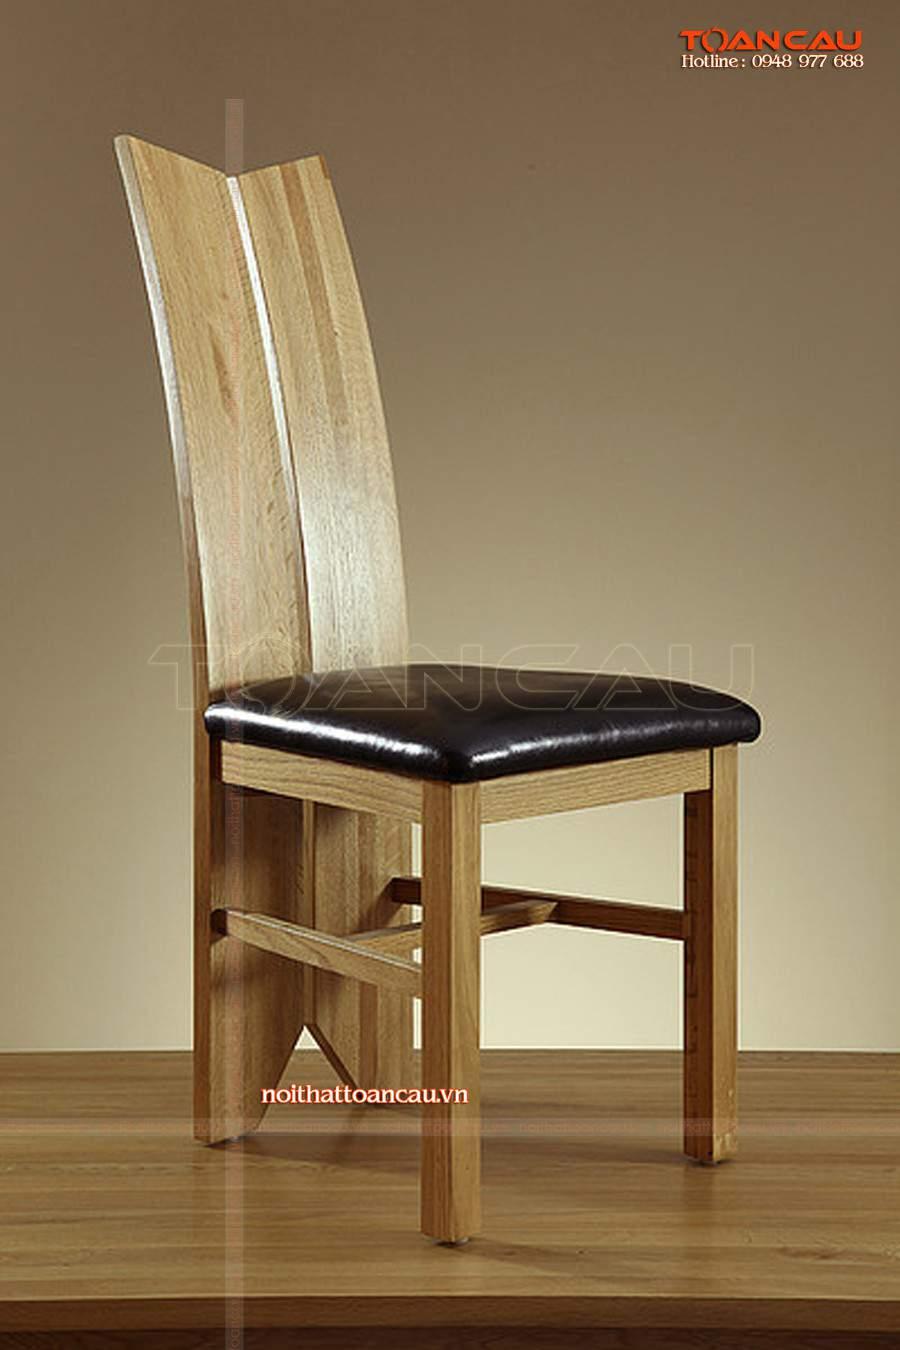 Ghế ngồi bằng chất liệu gỗ tốt nhất rất bền khi sử dụng